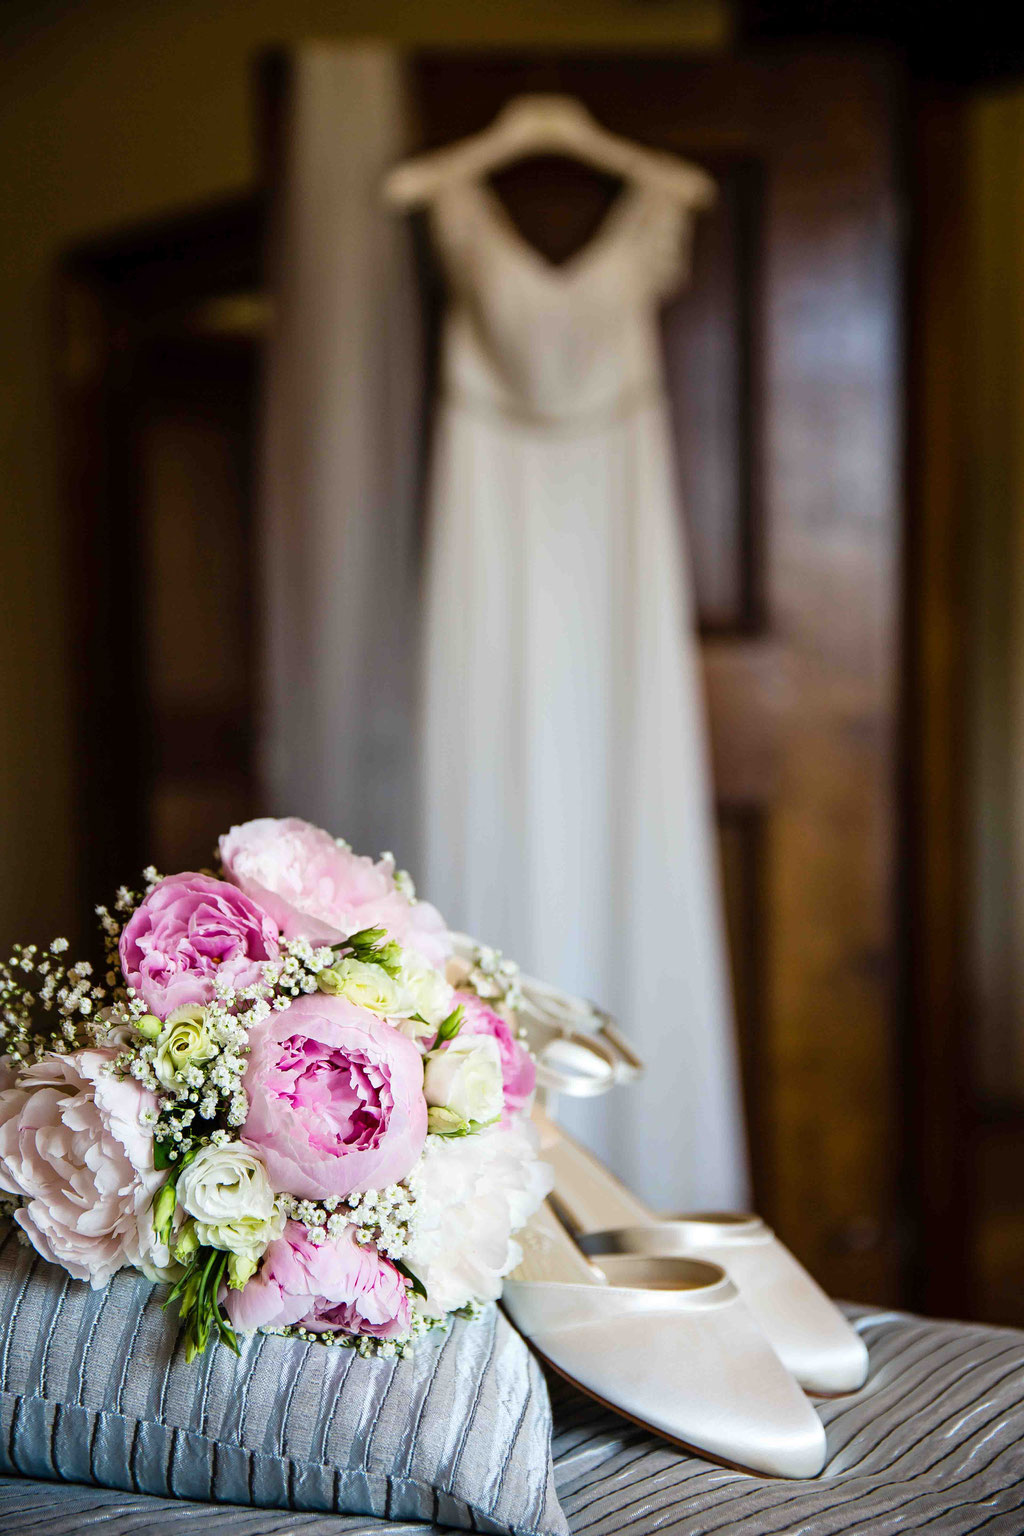 Hochzeitsfotograf, Hochzeitsreportage, Hochzeitslocation Schloss Schönborn Rheingau, Winkeler Str. 64, 65366 Geisenheim, Brautkleid perfekt inszeniert Hochzeitsfoto, Hochzeitsbild vom Brautkleid, Kleid der Braut fotografieren